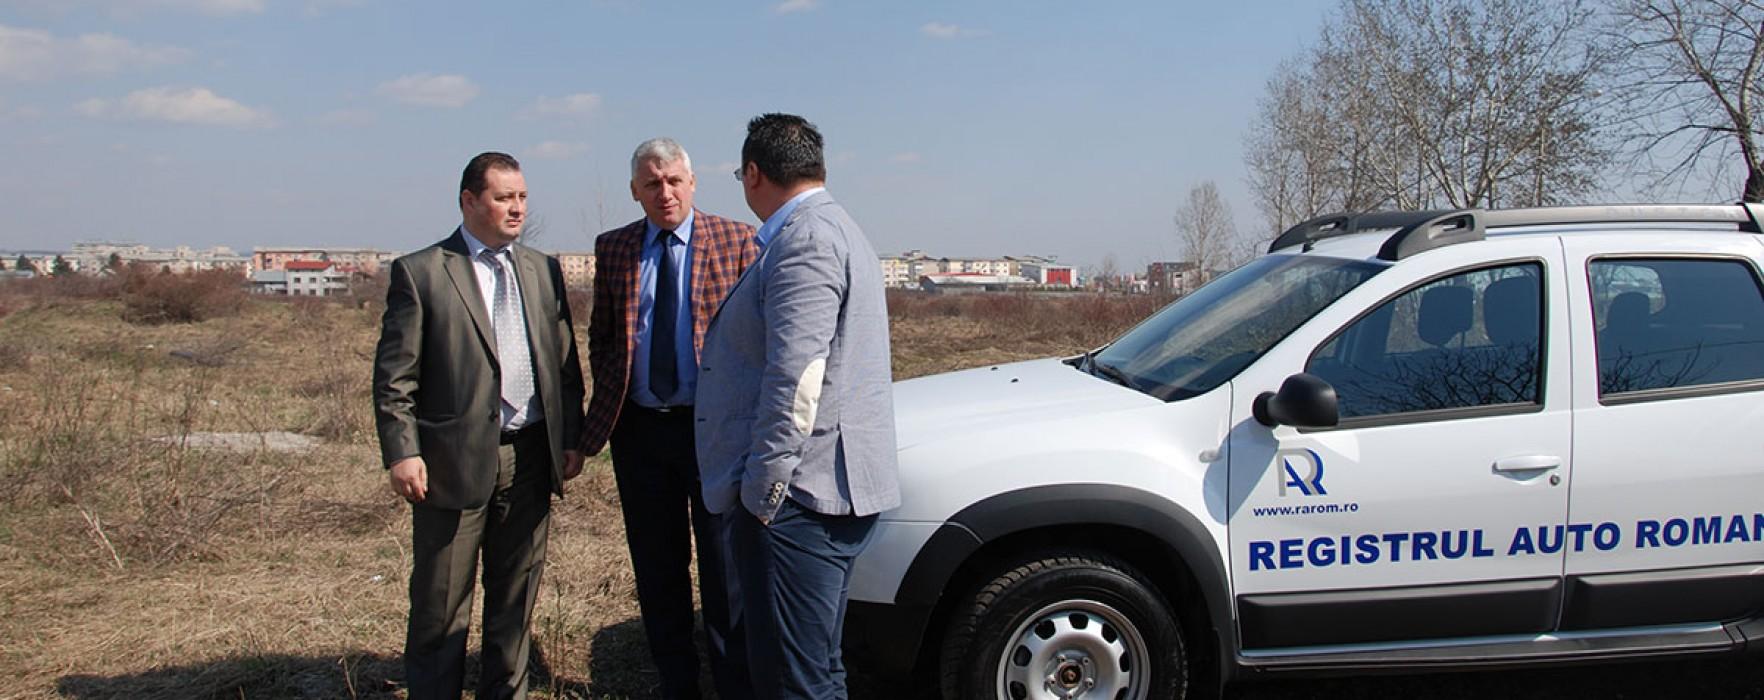 Se va construi un sediu nou al RAR pe terenul fostei unităţi militare de la Gara Târgovişte